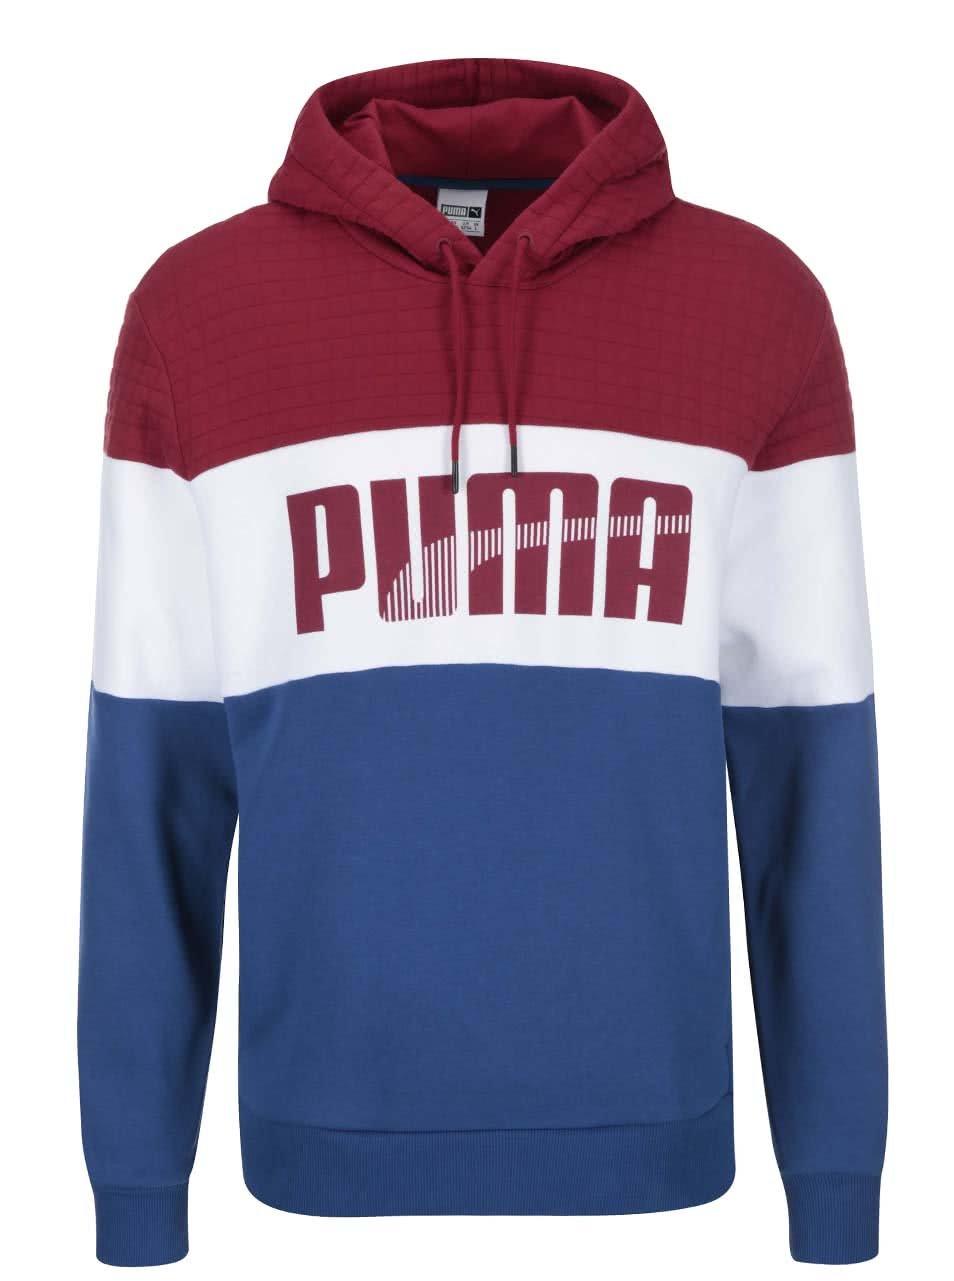 Červeno-bílo-modrá pánská mikina s kapucí Puma Game ... e293169ca9